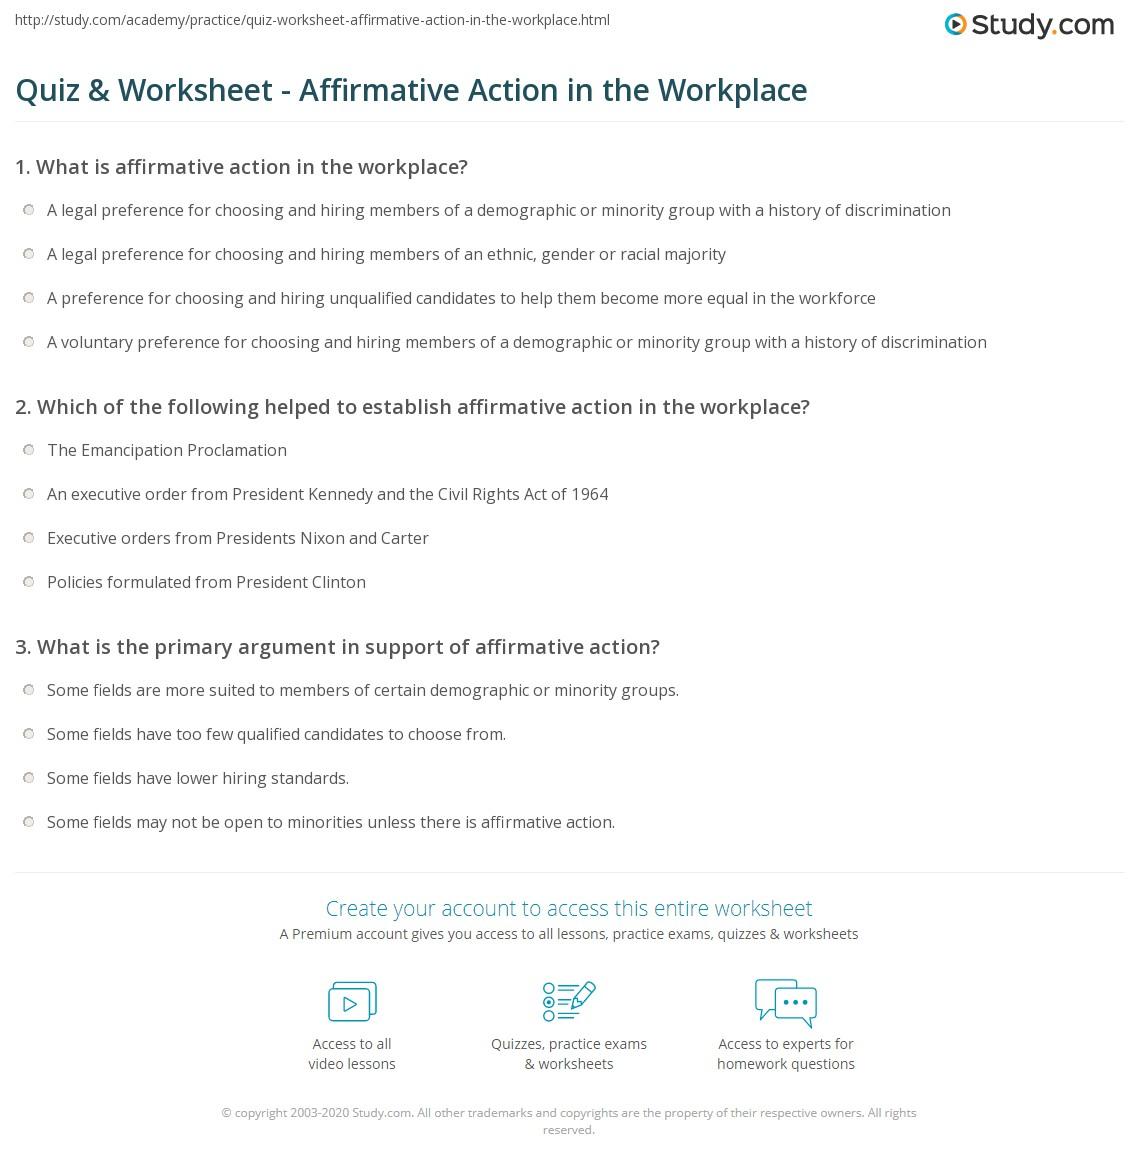 negatives of affirmative action